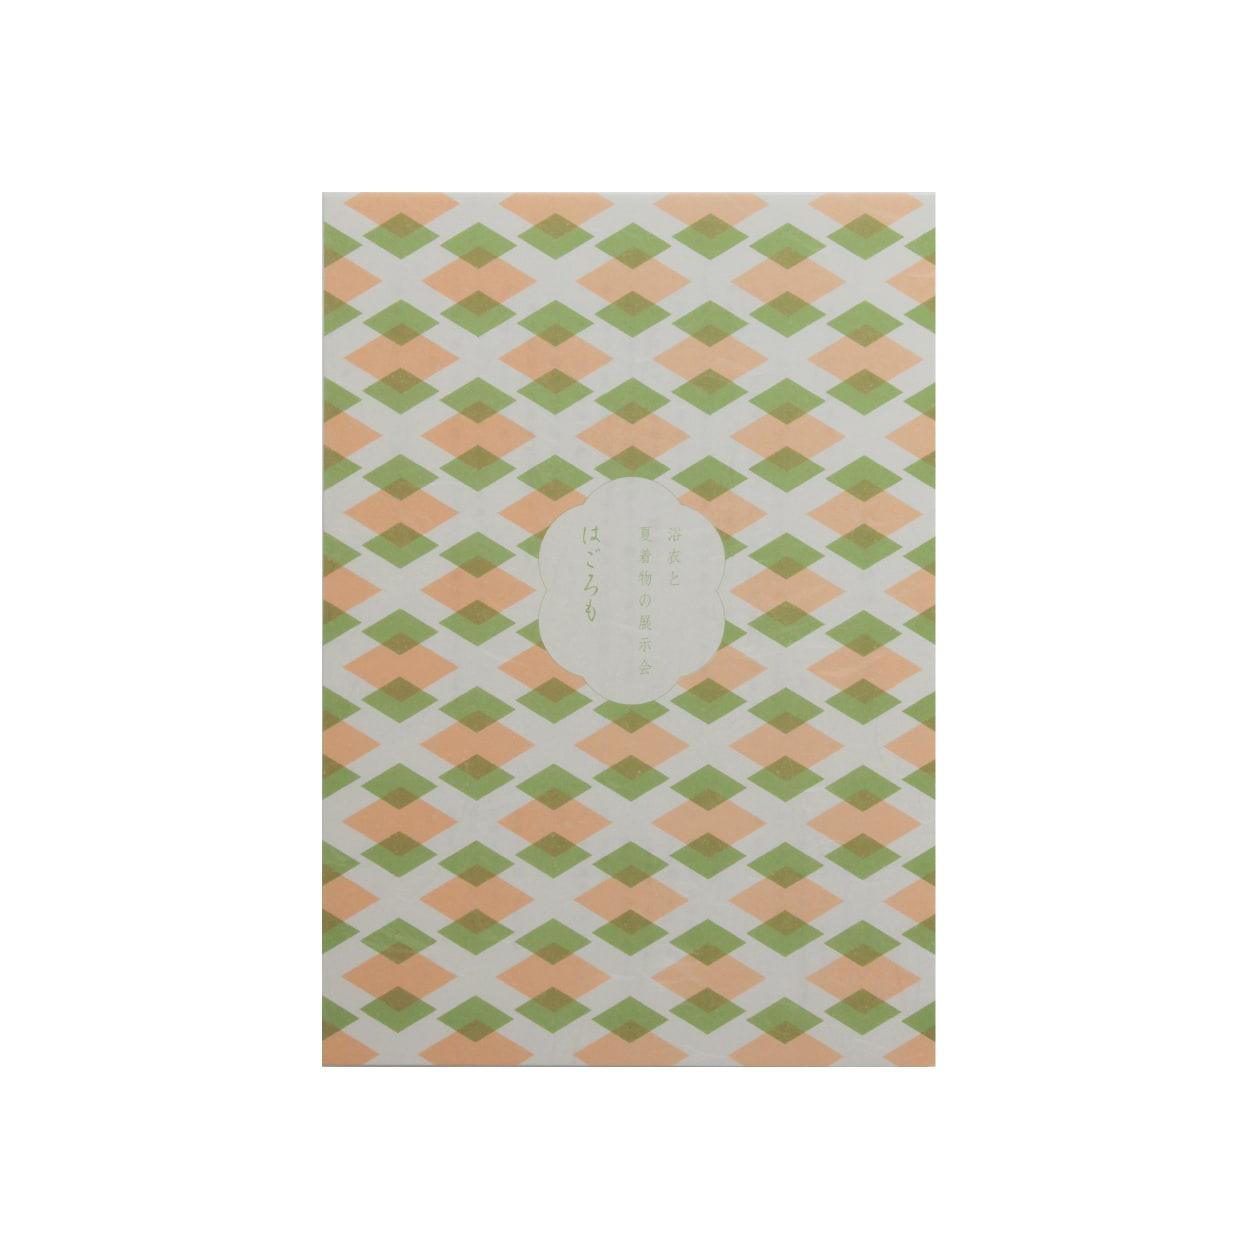 サンプル カード・シート 00149